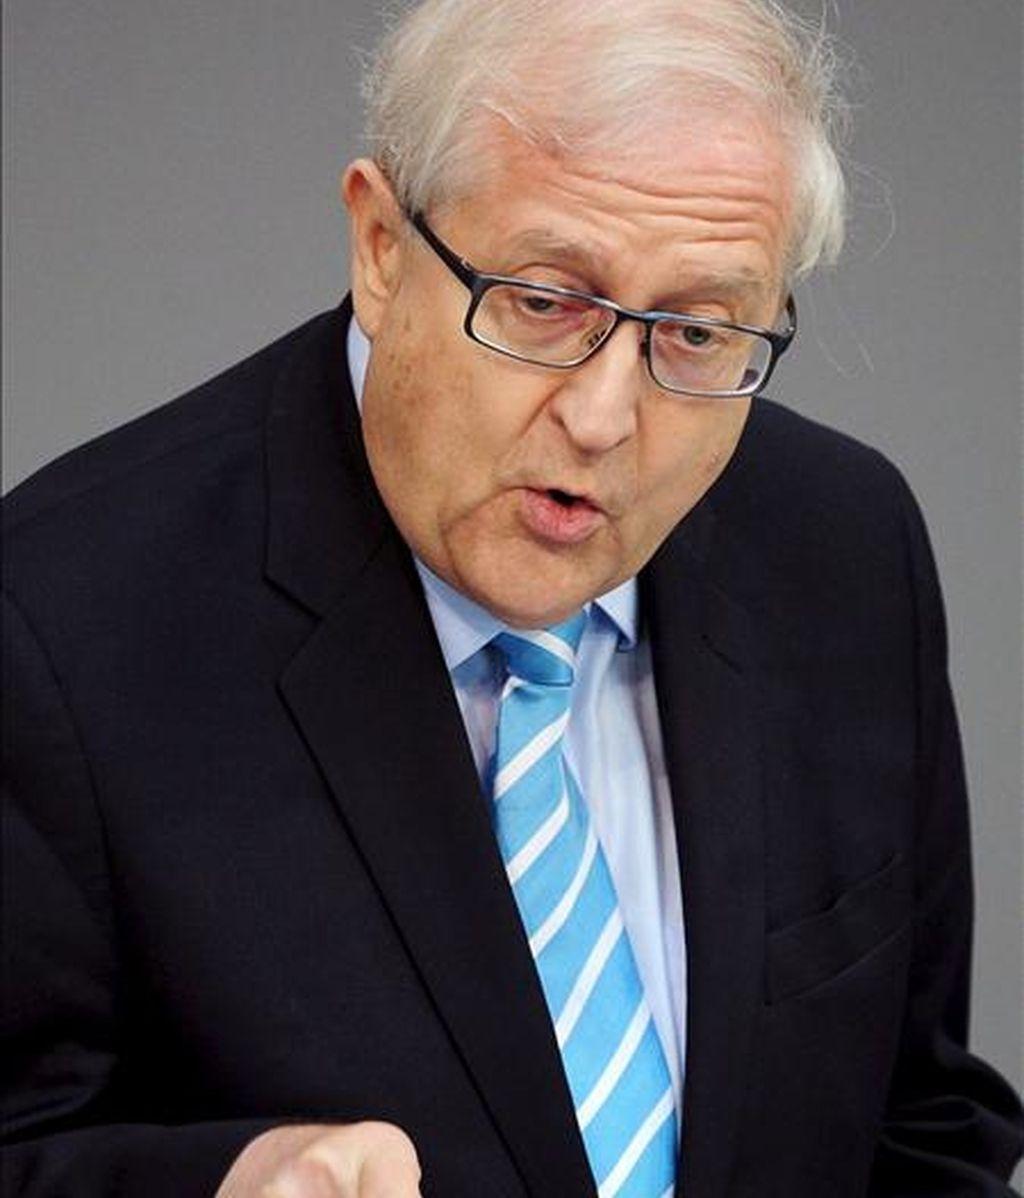 El ministro de Economía alemán, el liberal Rainer Brüderle, descartó hoy en Berlín que España y Portugal precisen recurrir al mecanismo de rescate de la Eurozona tal y como ocurrió con Irlanda la semana pasada. EFE/Archivo